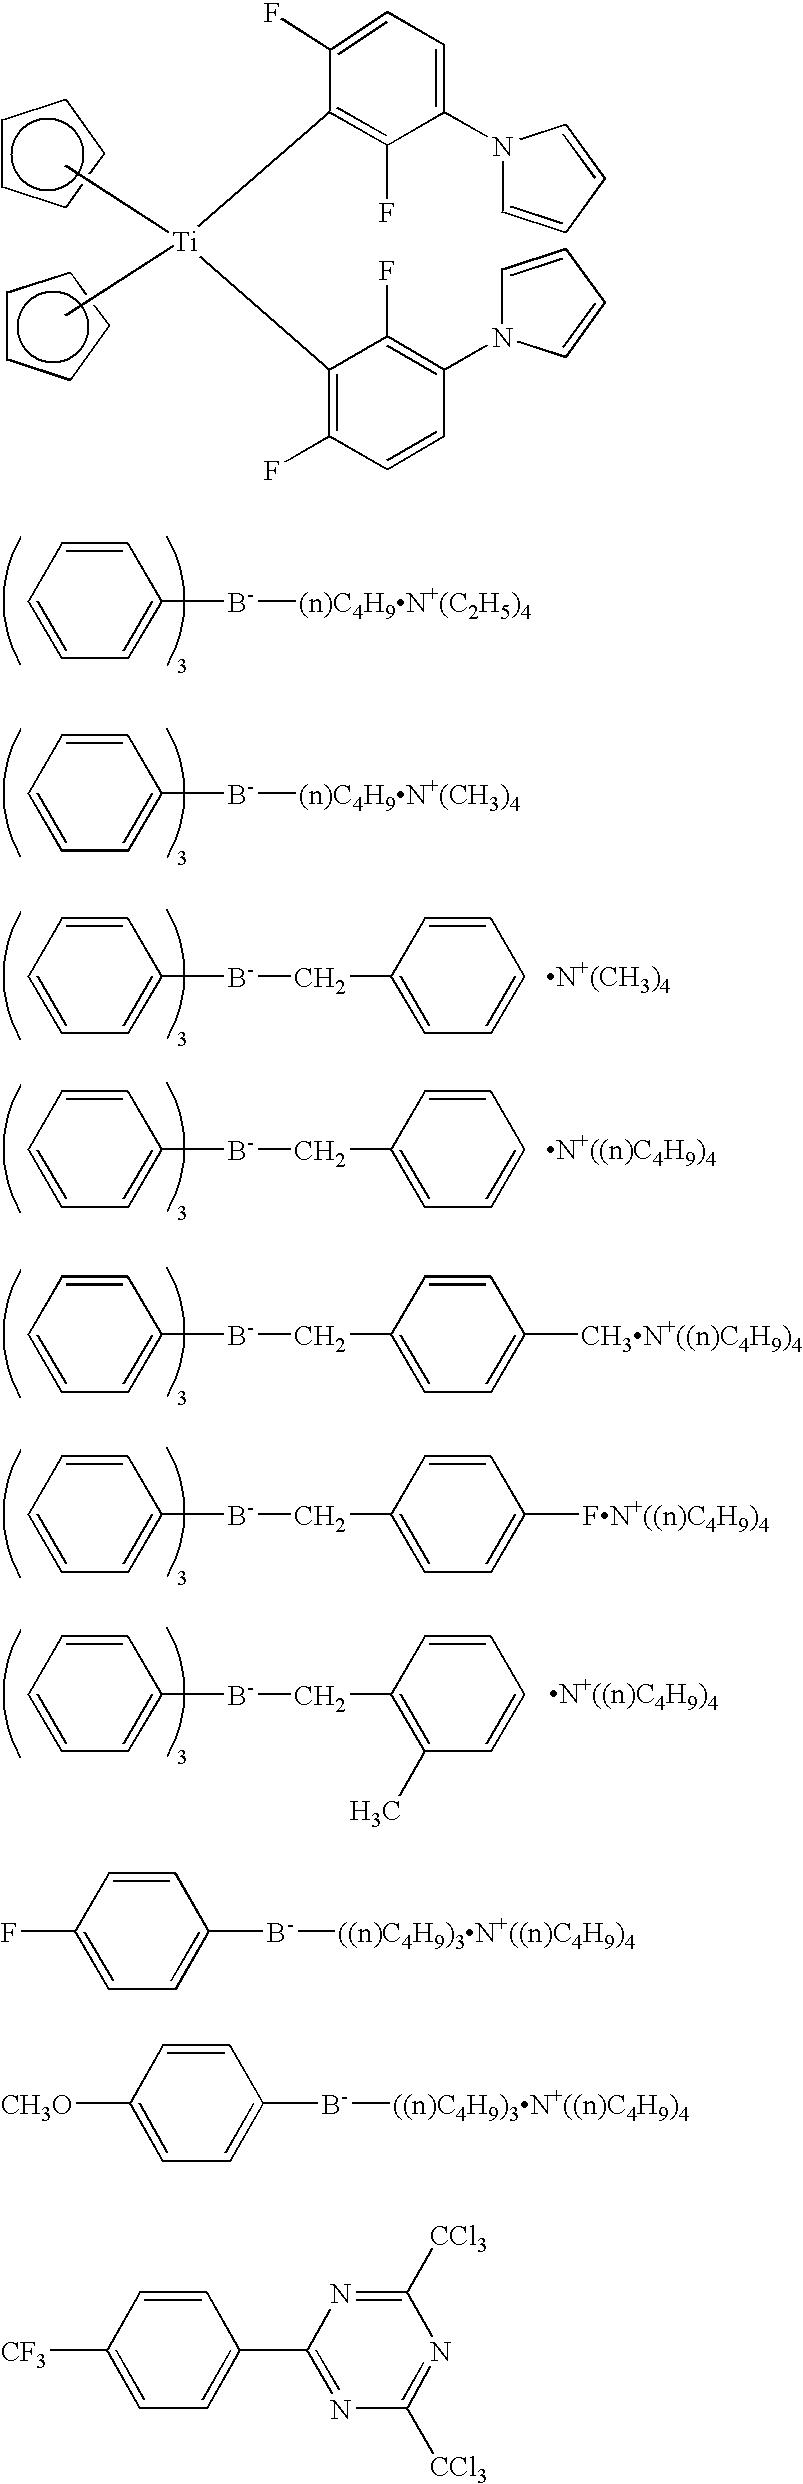 Figure US07992989-20110809-C00006